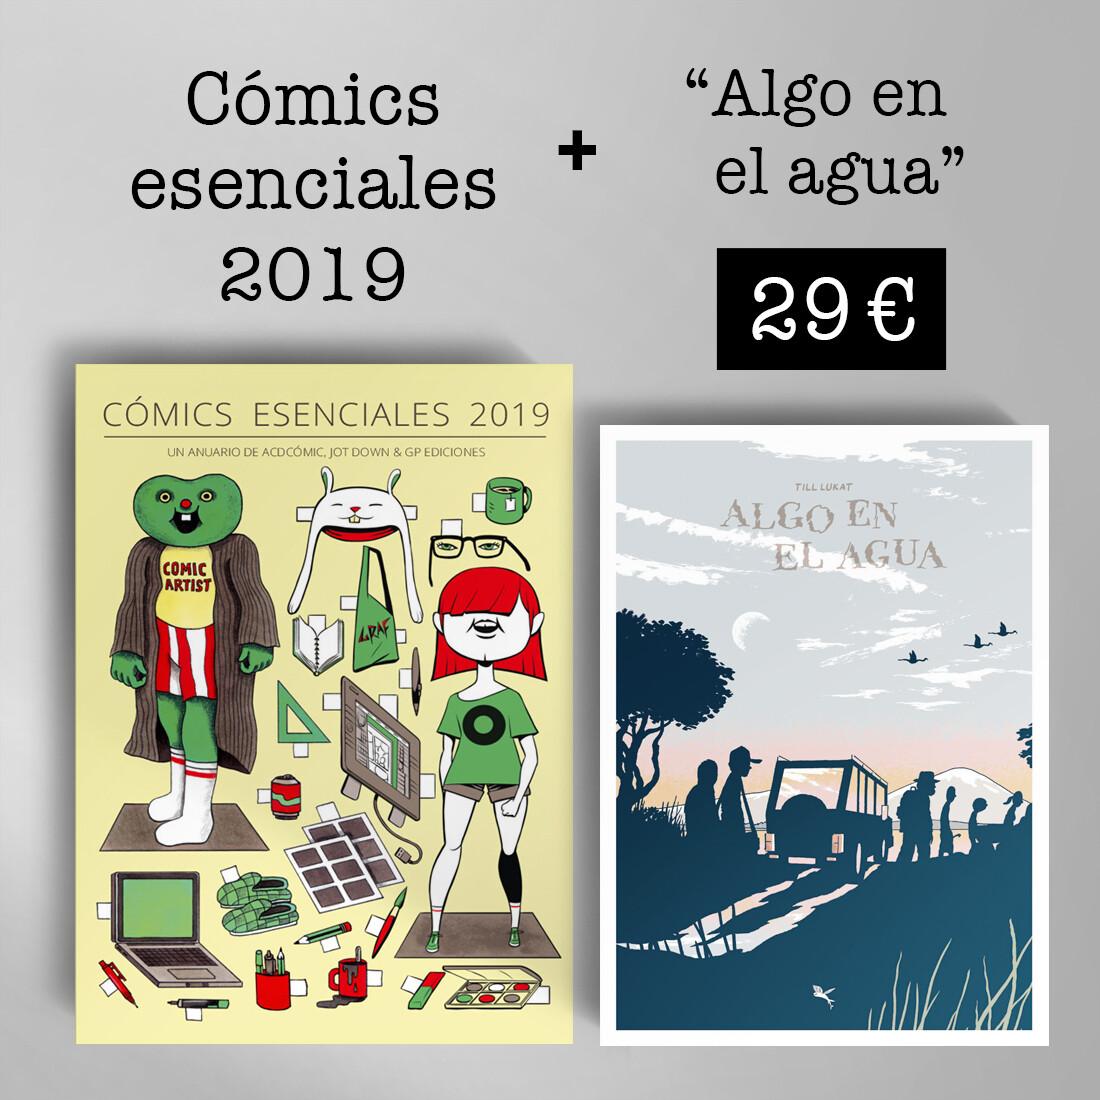 Cómics Esenciales 2019 + Algo en el agua